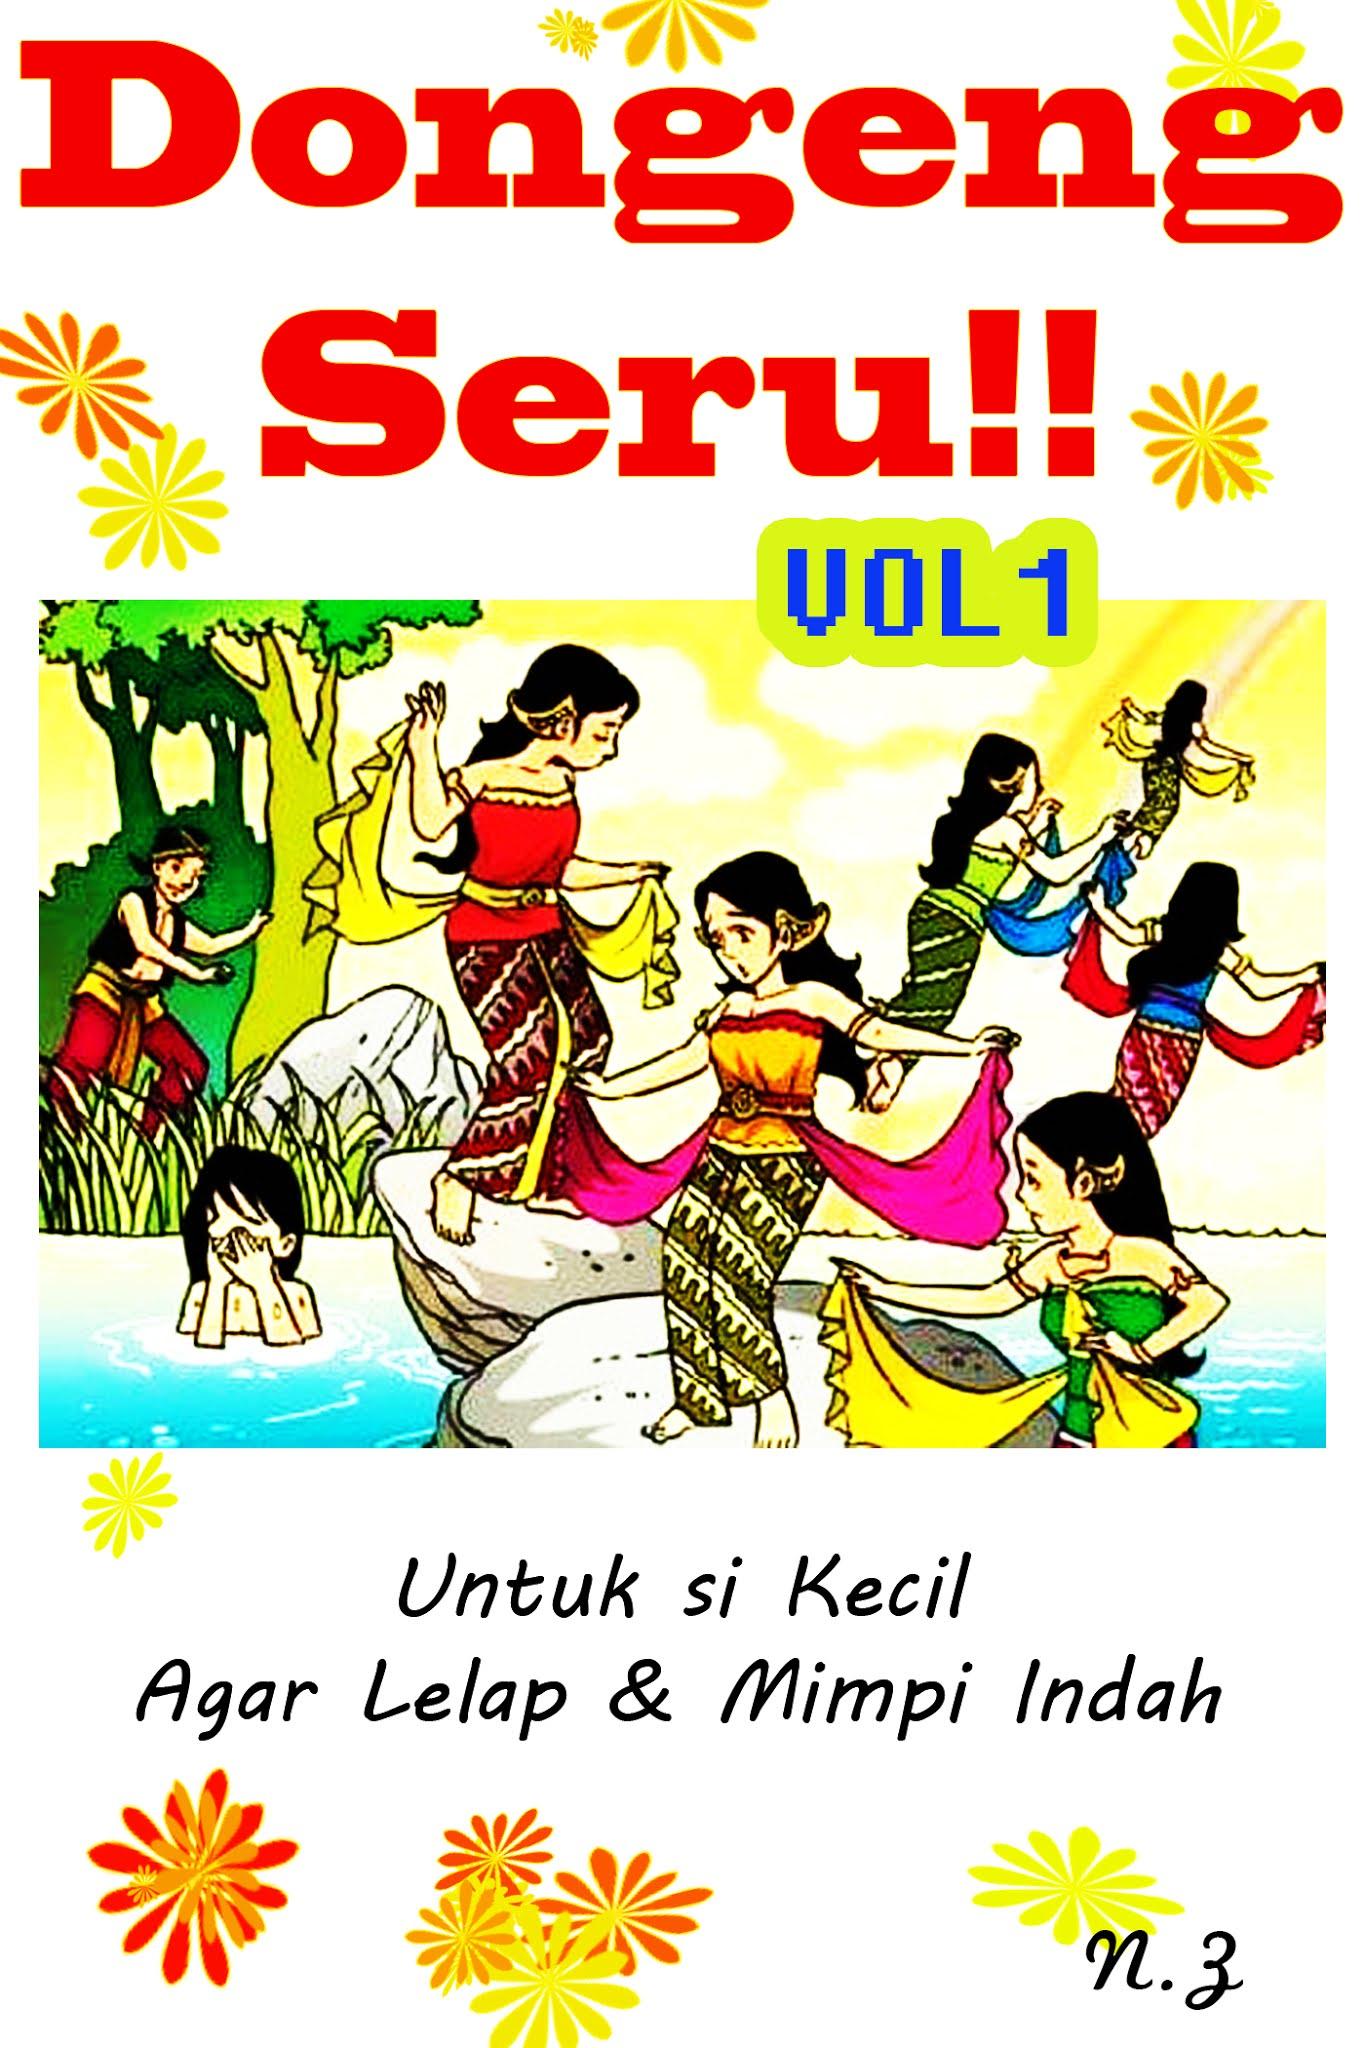 Dongeng Seru!!: Untuk si Kecil Agar Lelap & Mimpi Indah